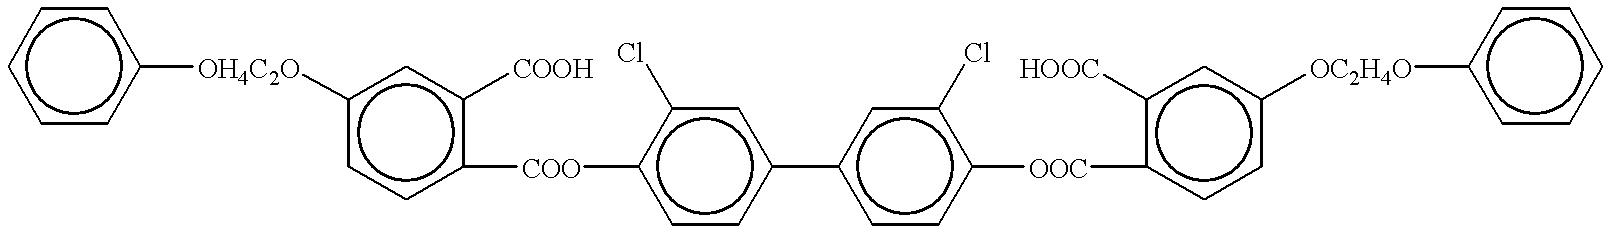 Figure US06180560-20010130-C00364